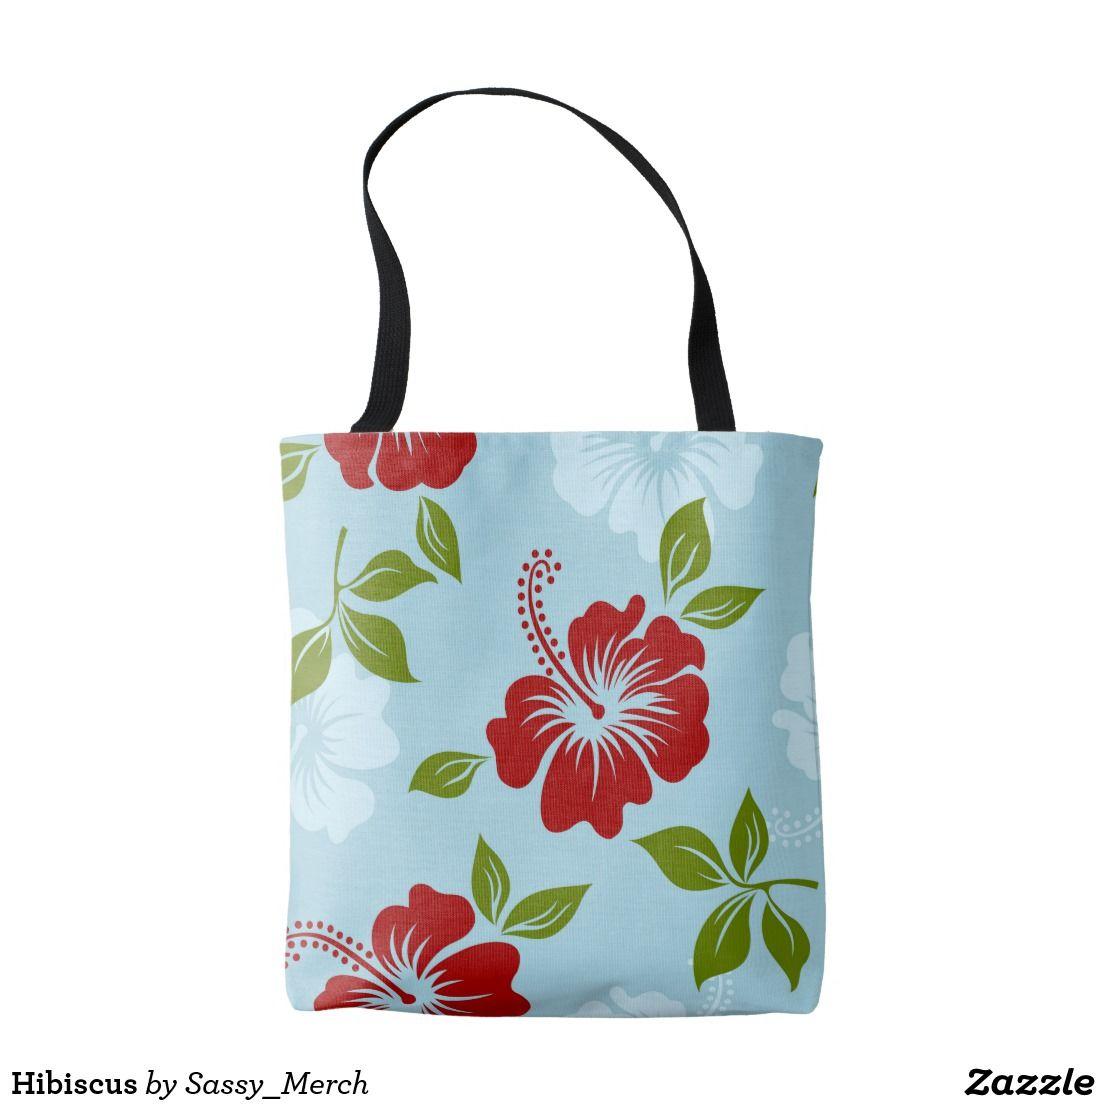 Hibiscus Tote Bag Zazzle Com Tote Bag Bags Floral Tote Bags